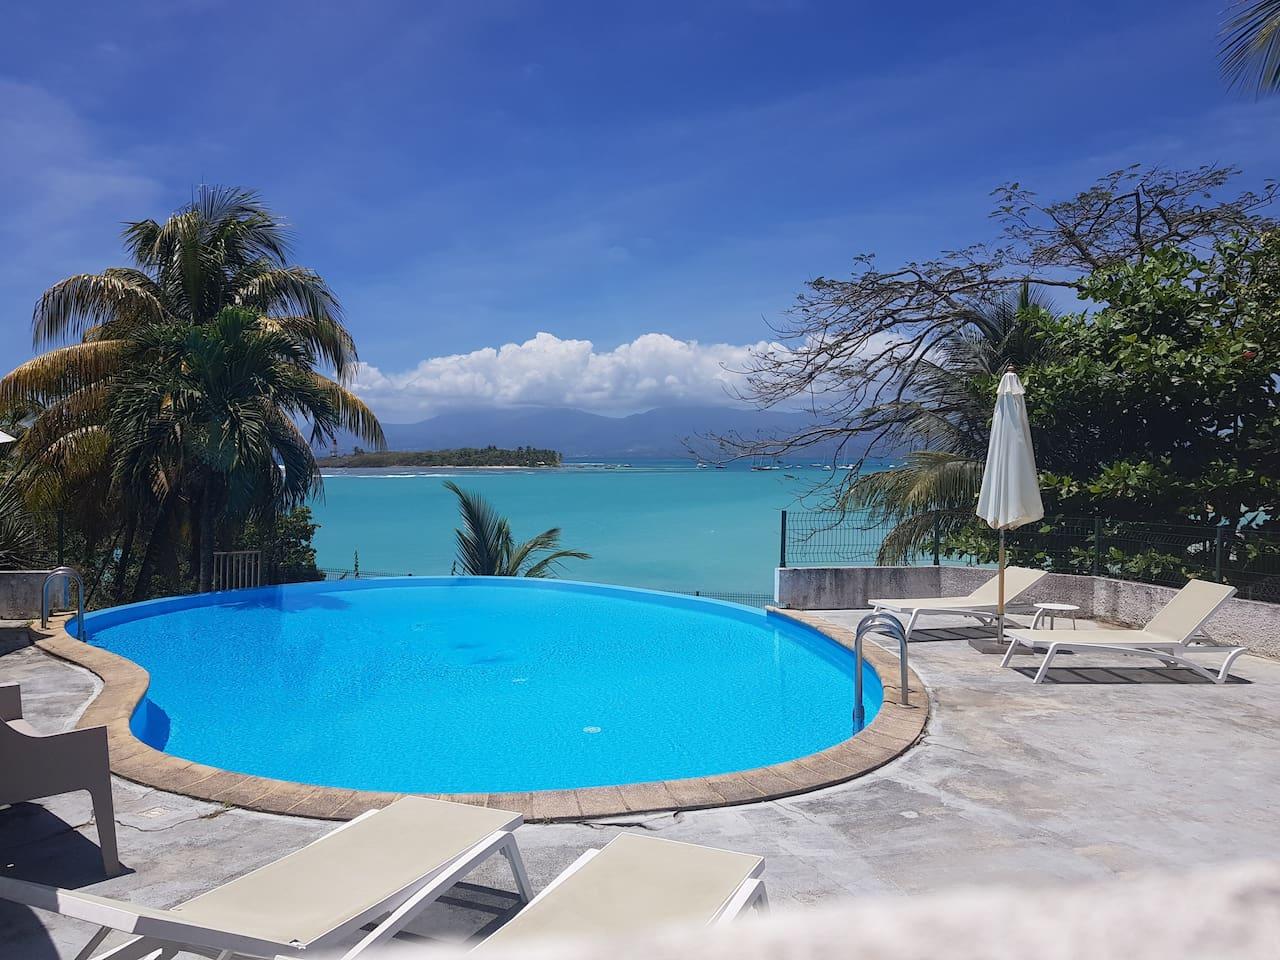 Piscine de la résidence avec vue sur l'îlet du Gosier et sur Basse Terre